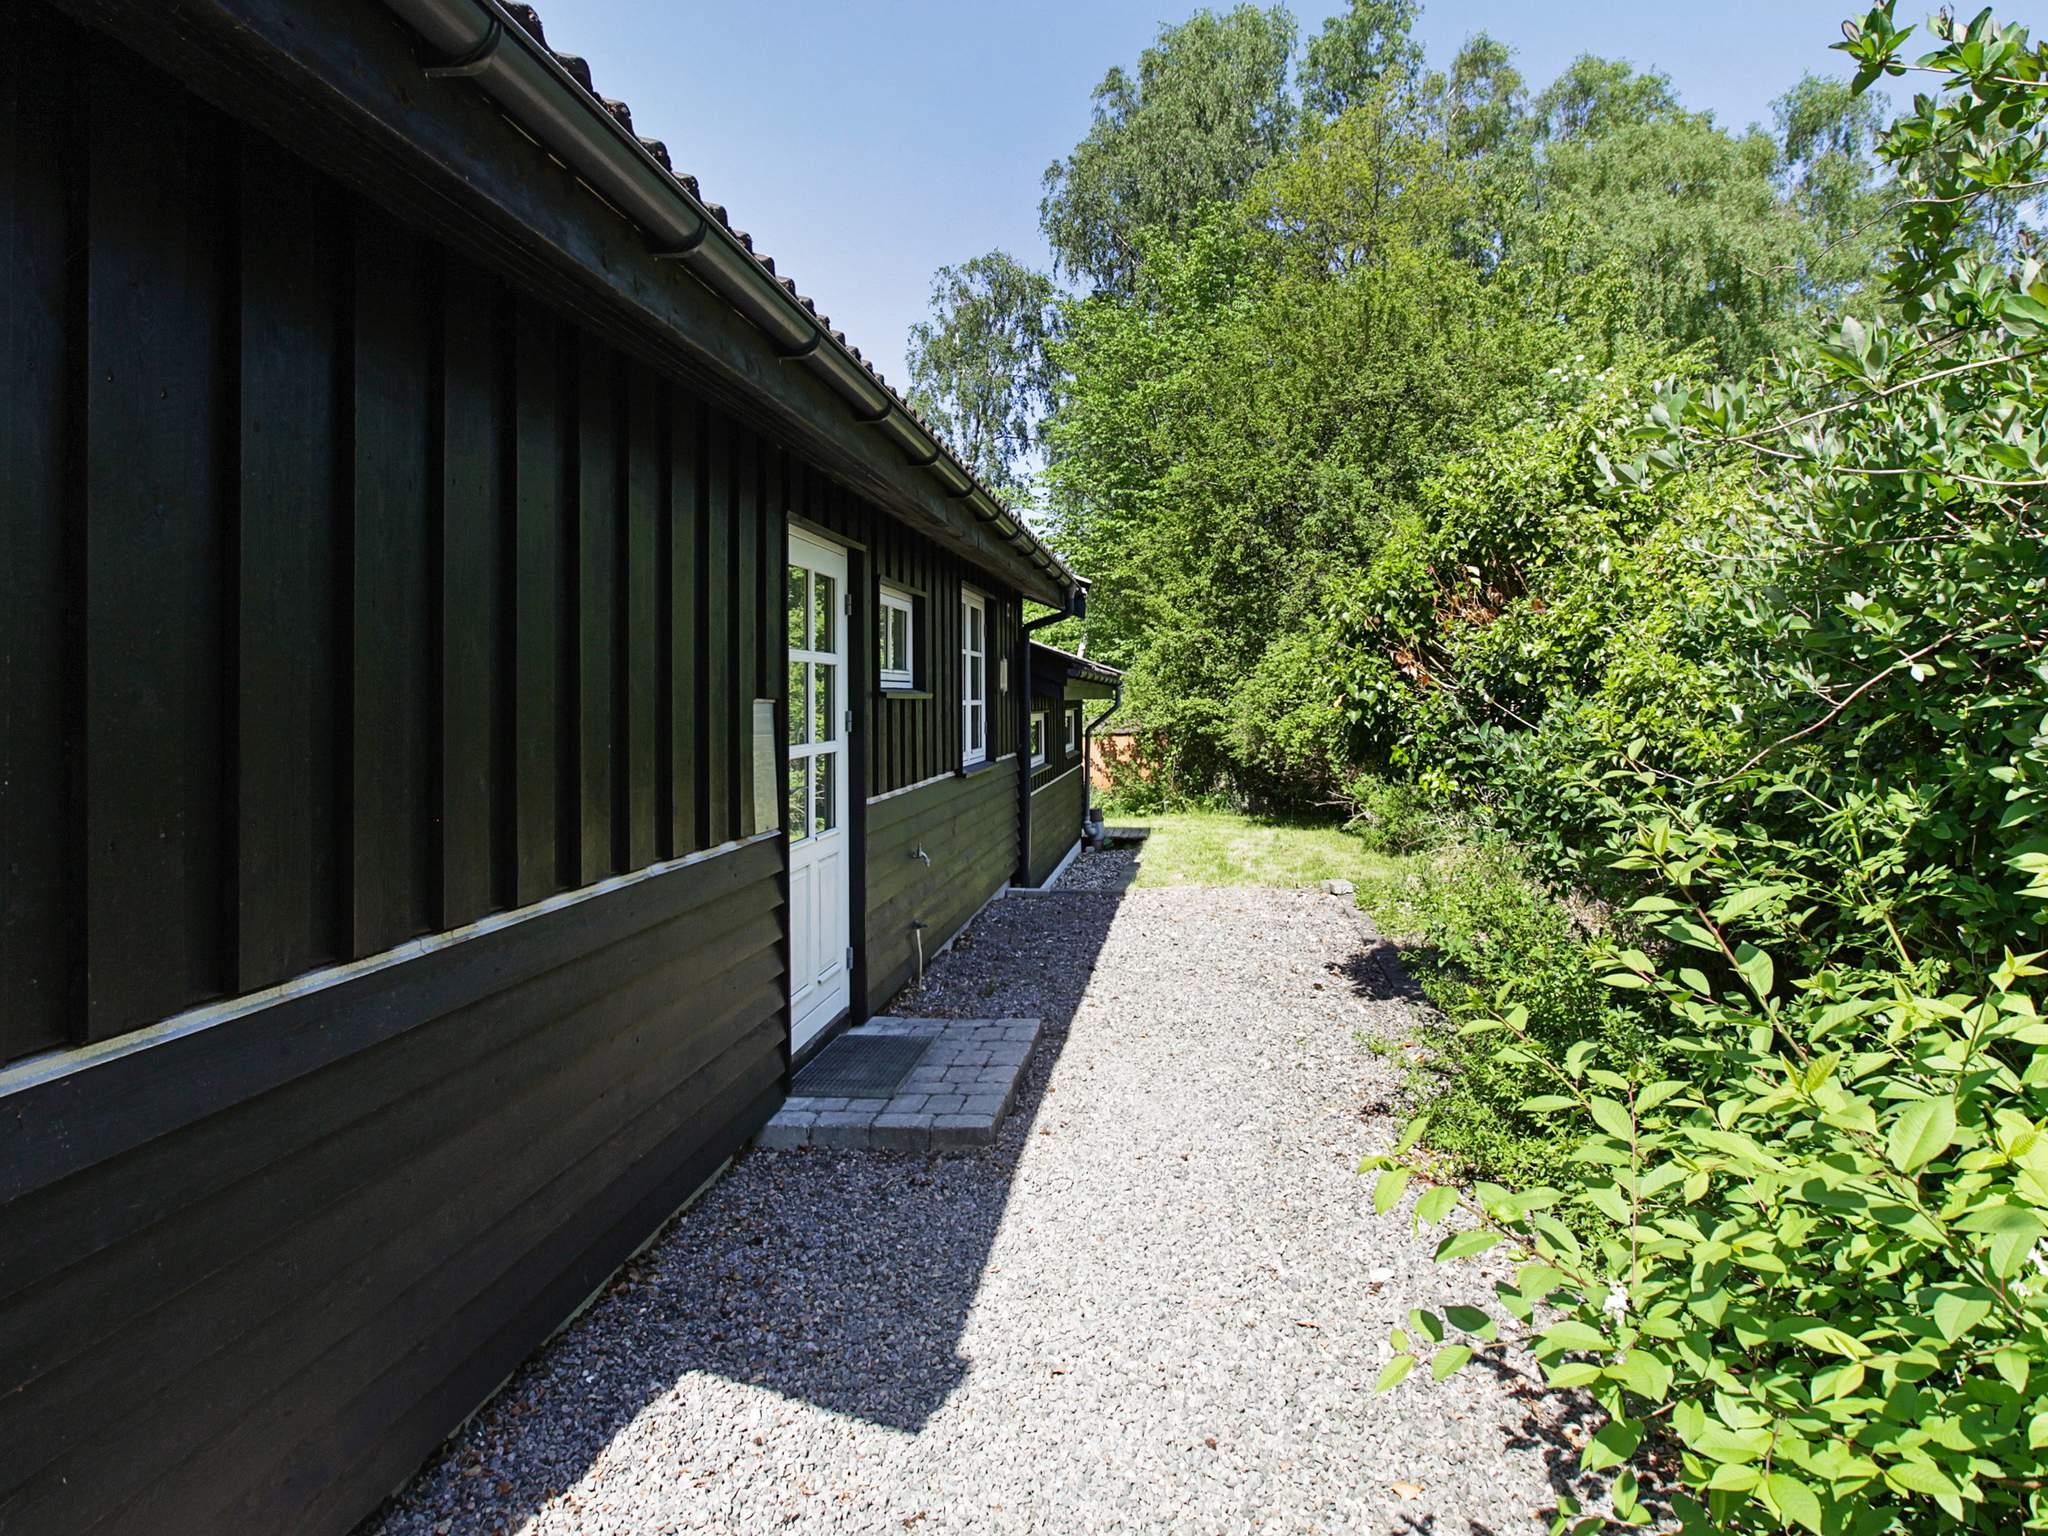 Ferienhaus Udsholt Strand (2417490), Udsholt, , Nordseeland, Dänemark, Bild 17